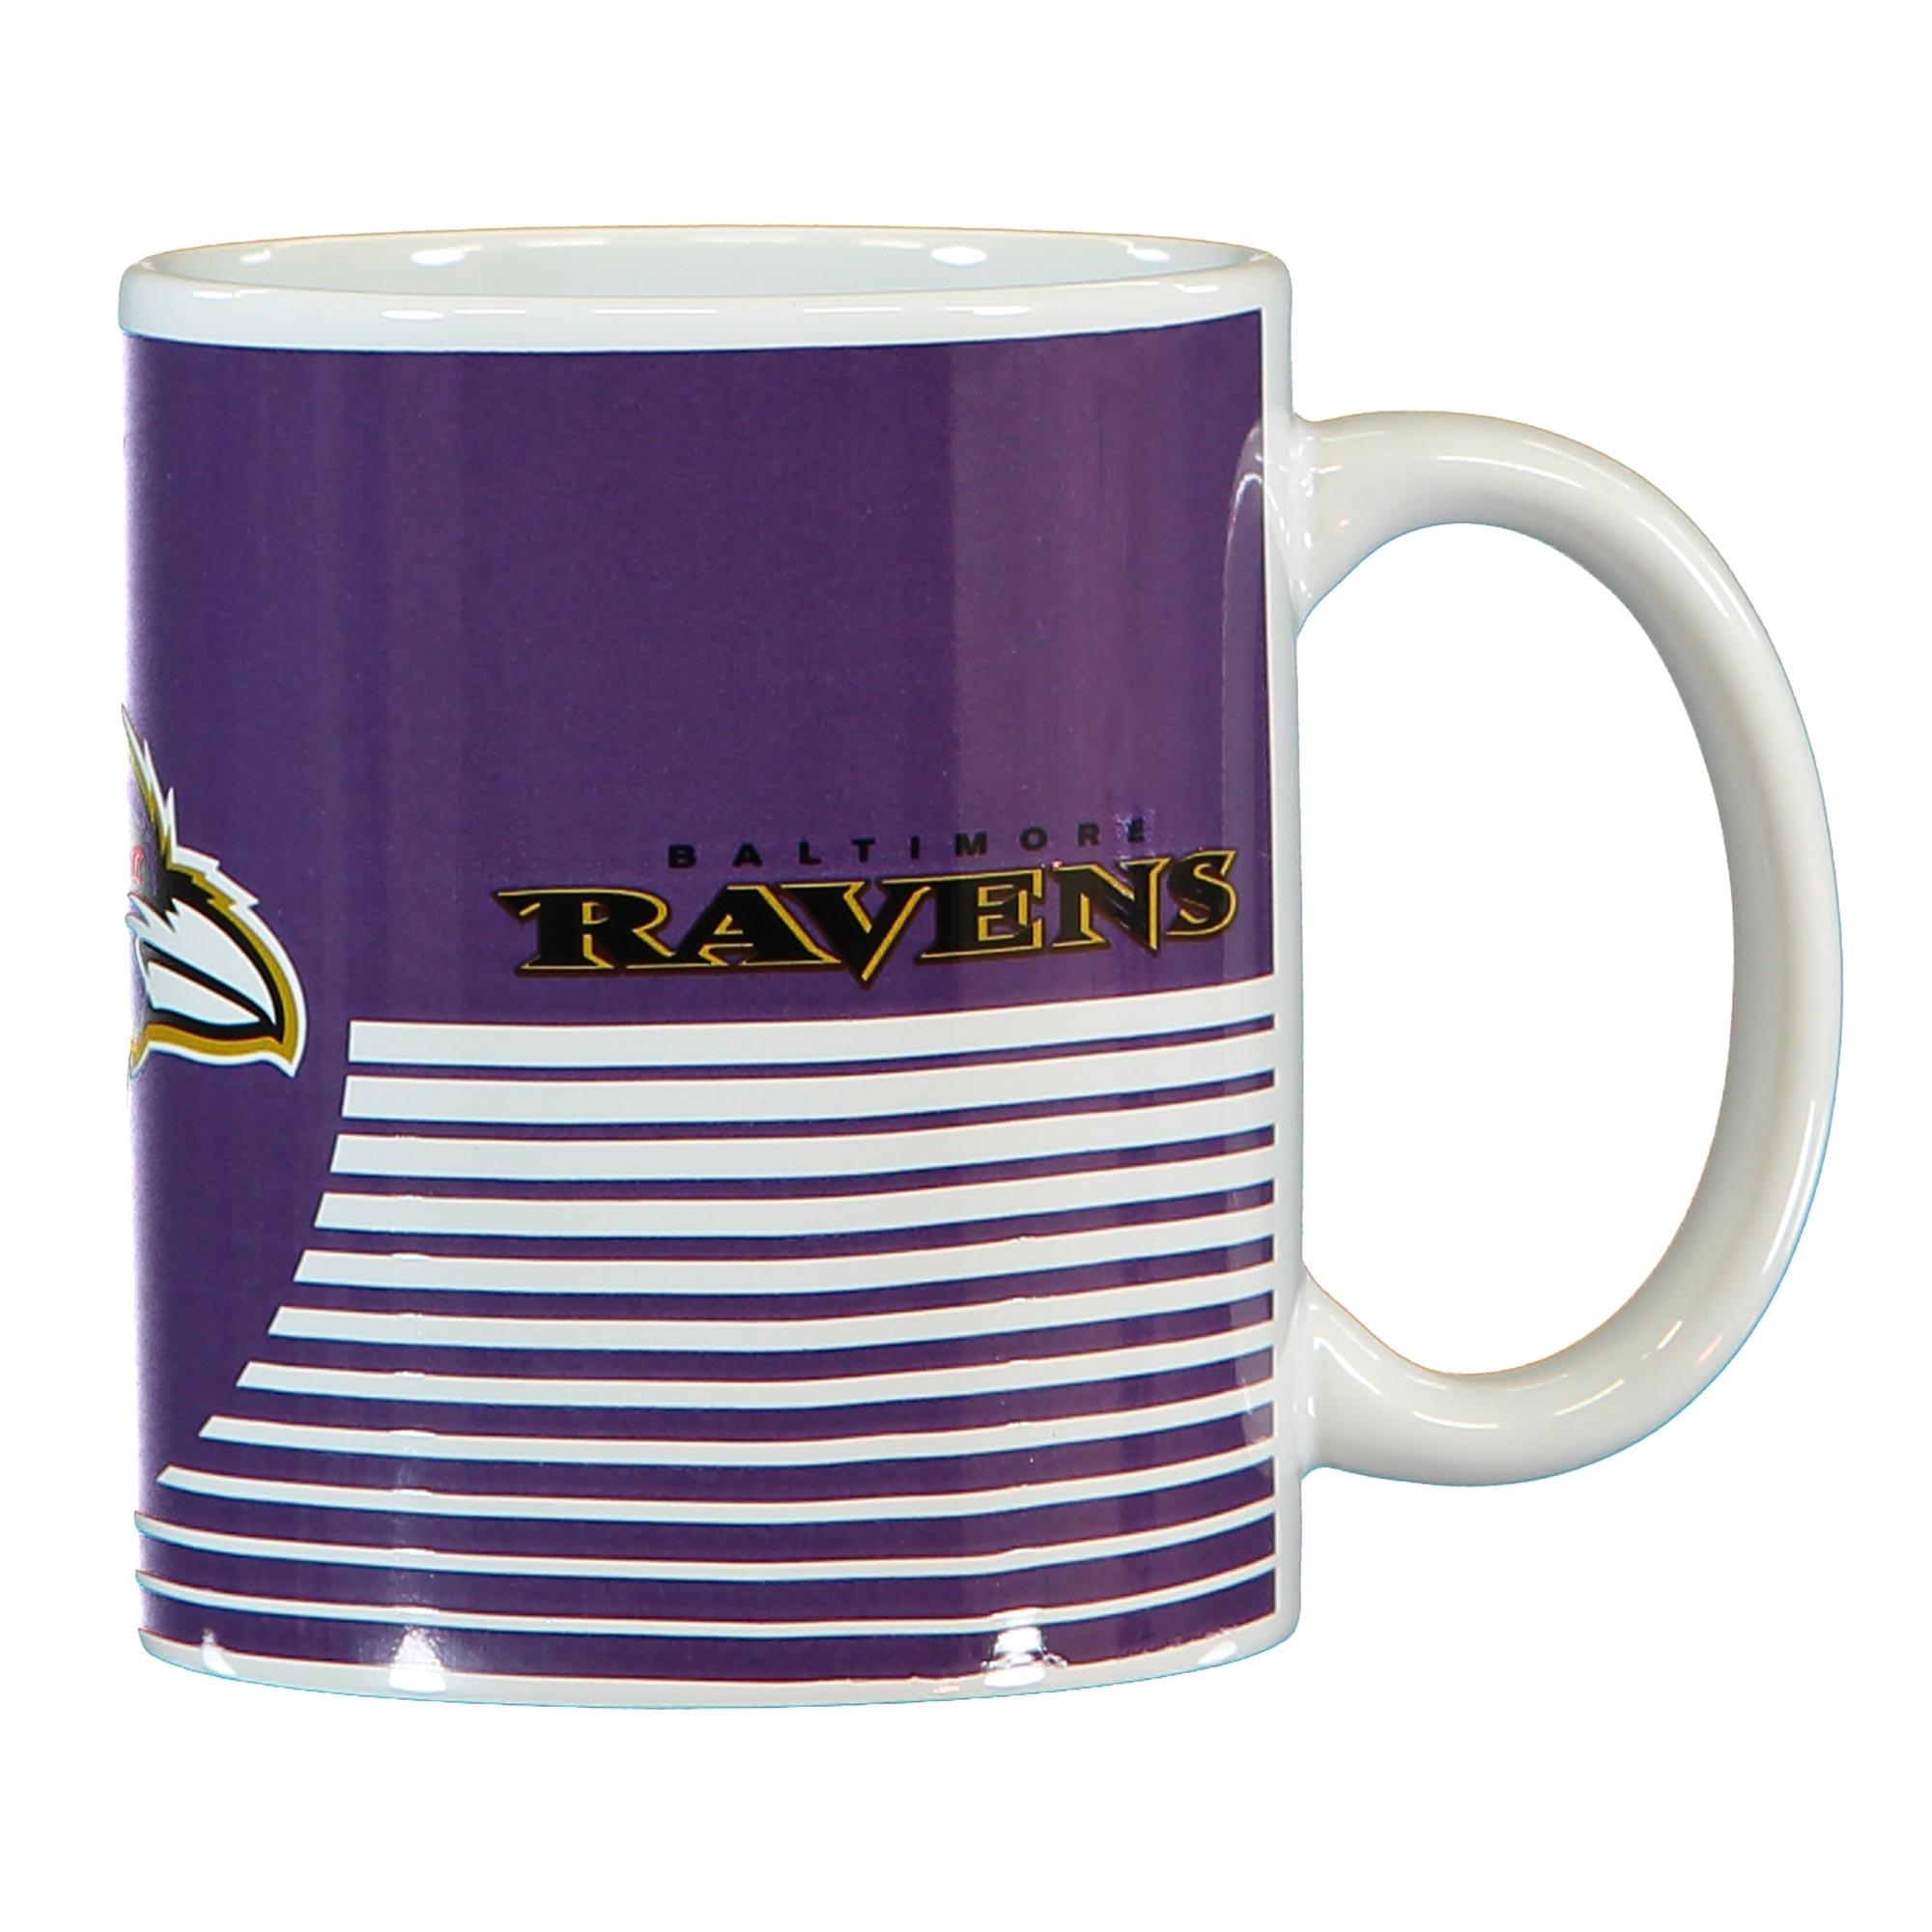 Baltimore Ravens Linear Mug